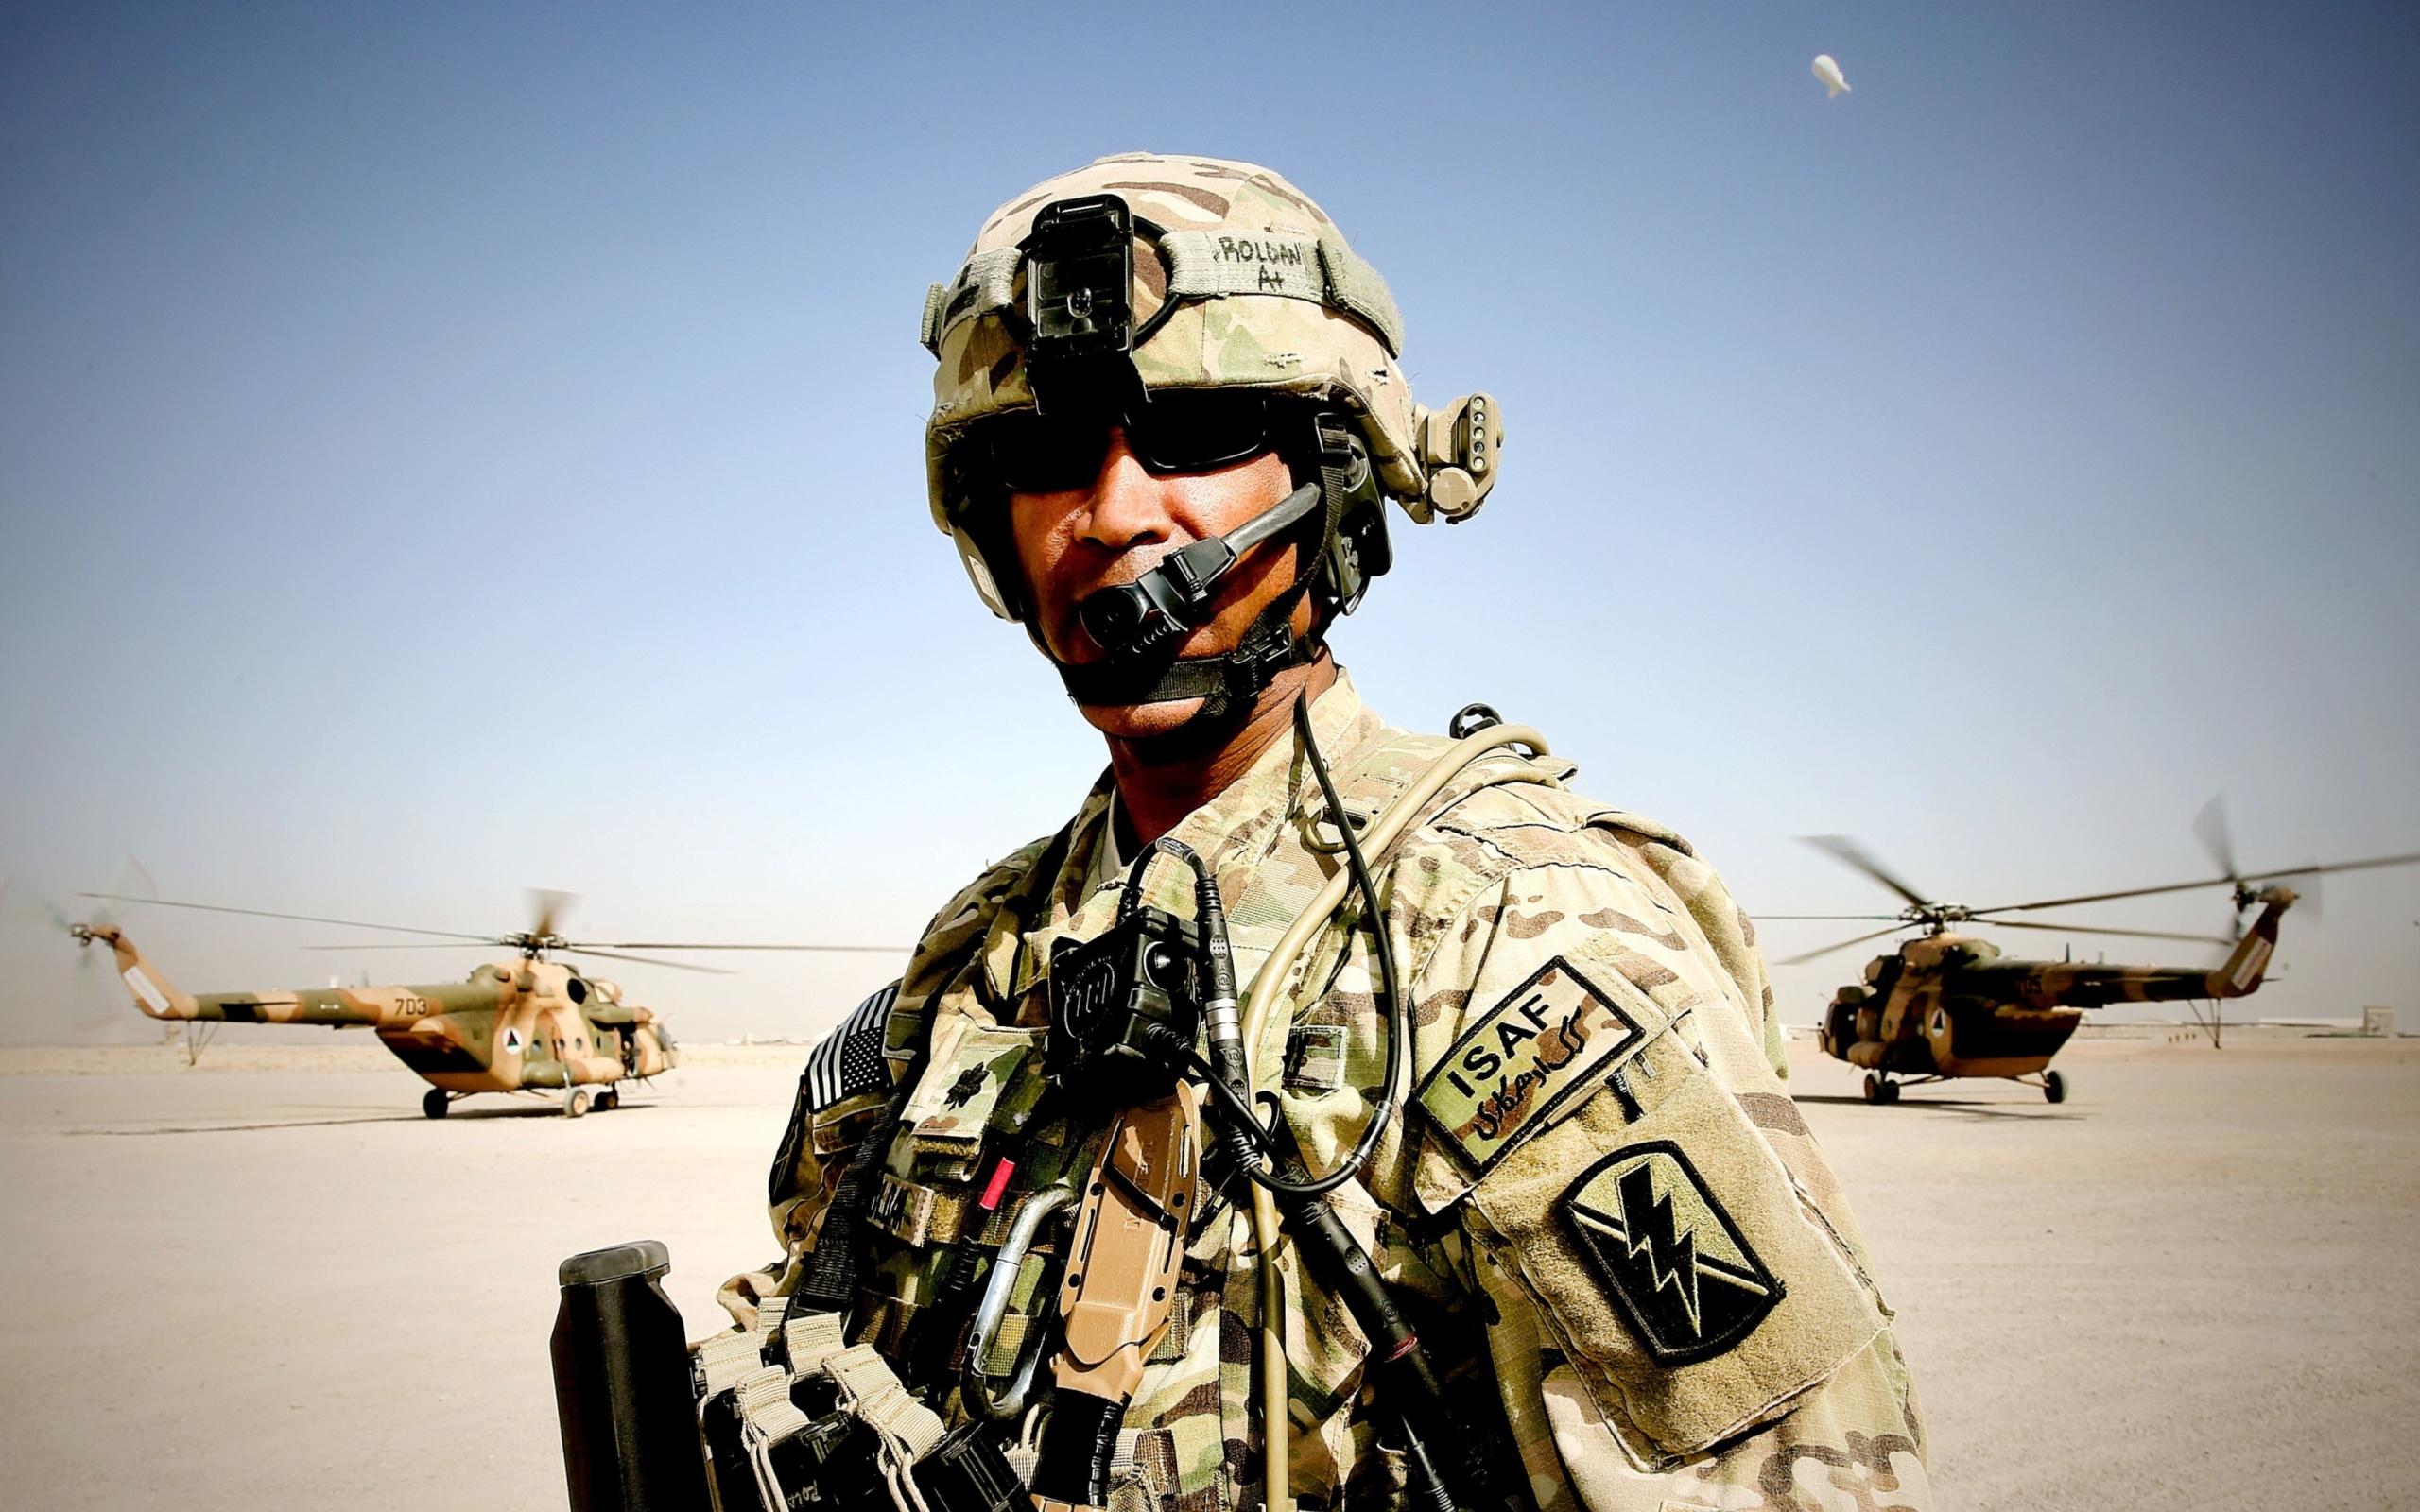 Картинки на армейскую тематику для парня